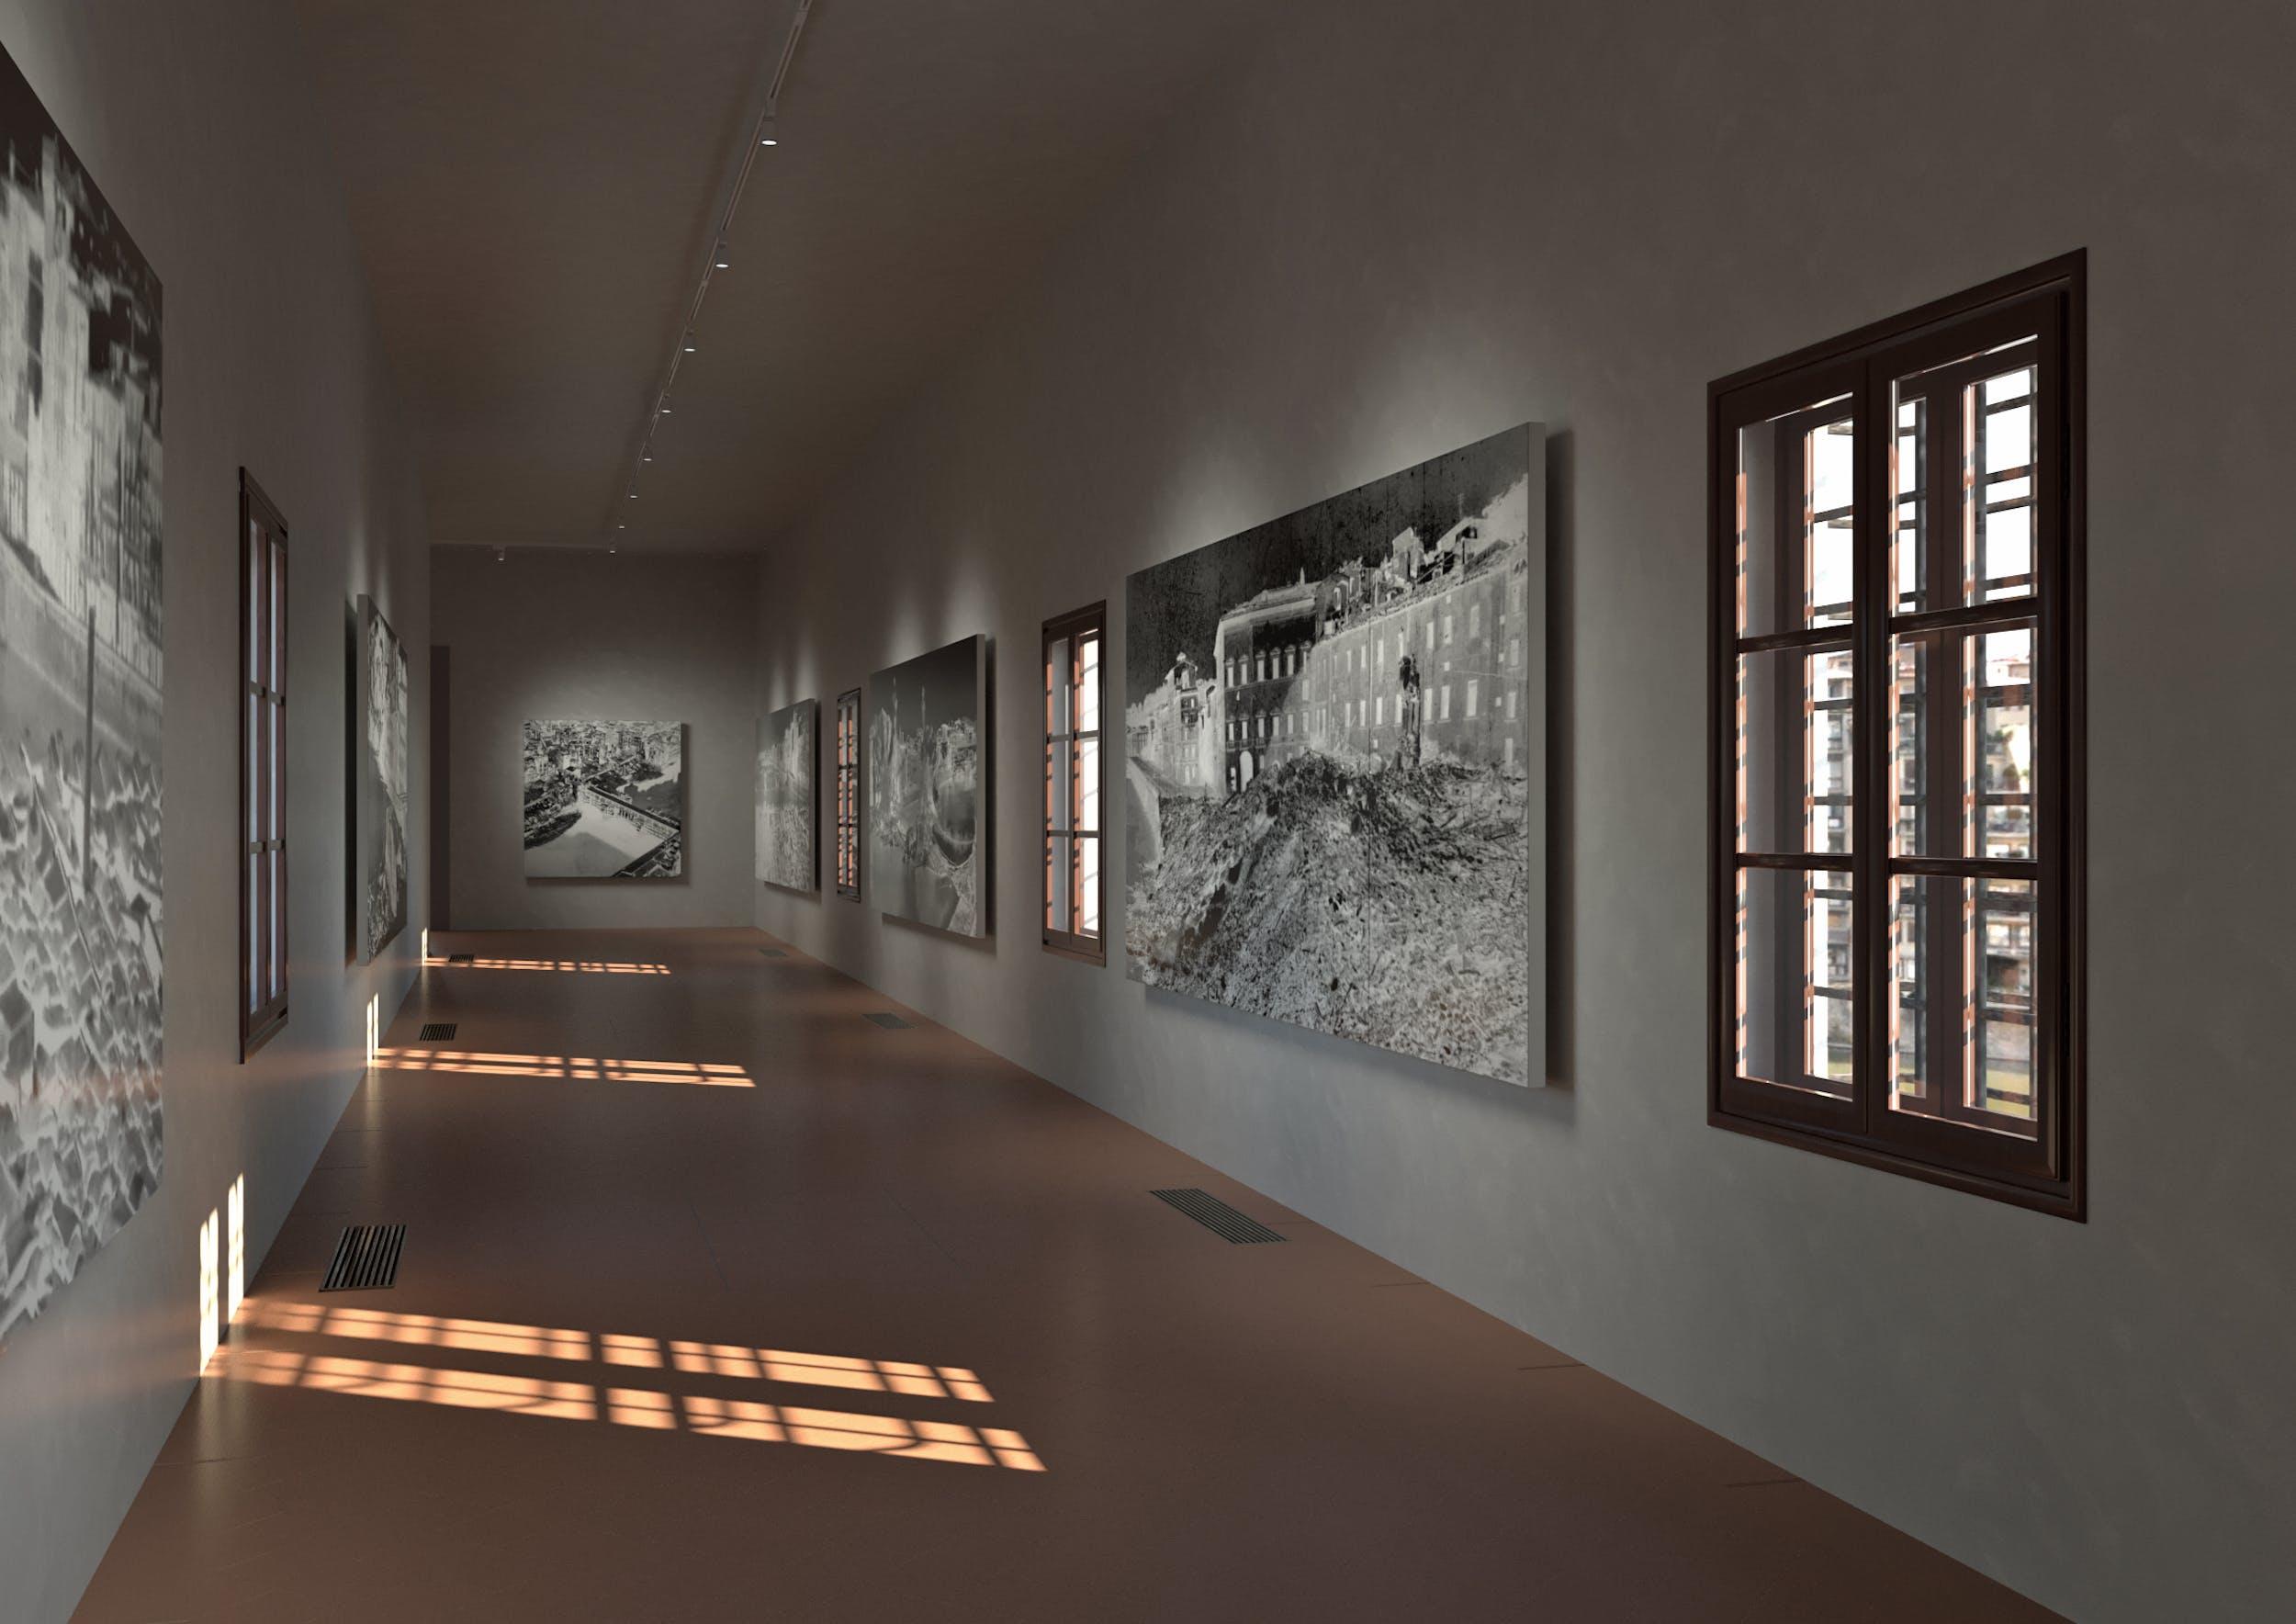 """Corridoio Vasariano, rendering allestimento dedicato alla """"Notte dei Ponti"""" del 4 agosto 1944"""